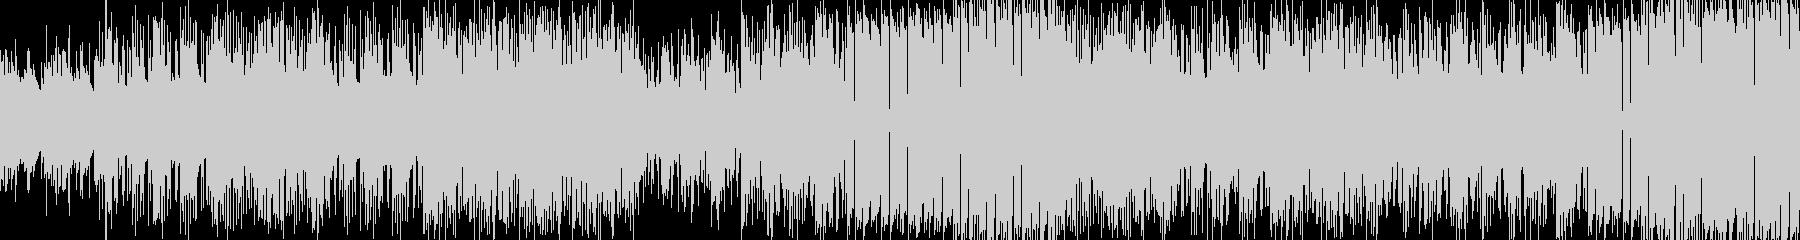 ミニマルエレピHipHop 説明動画などの未再生の波形